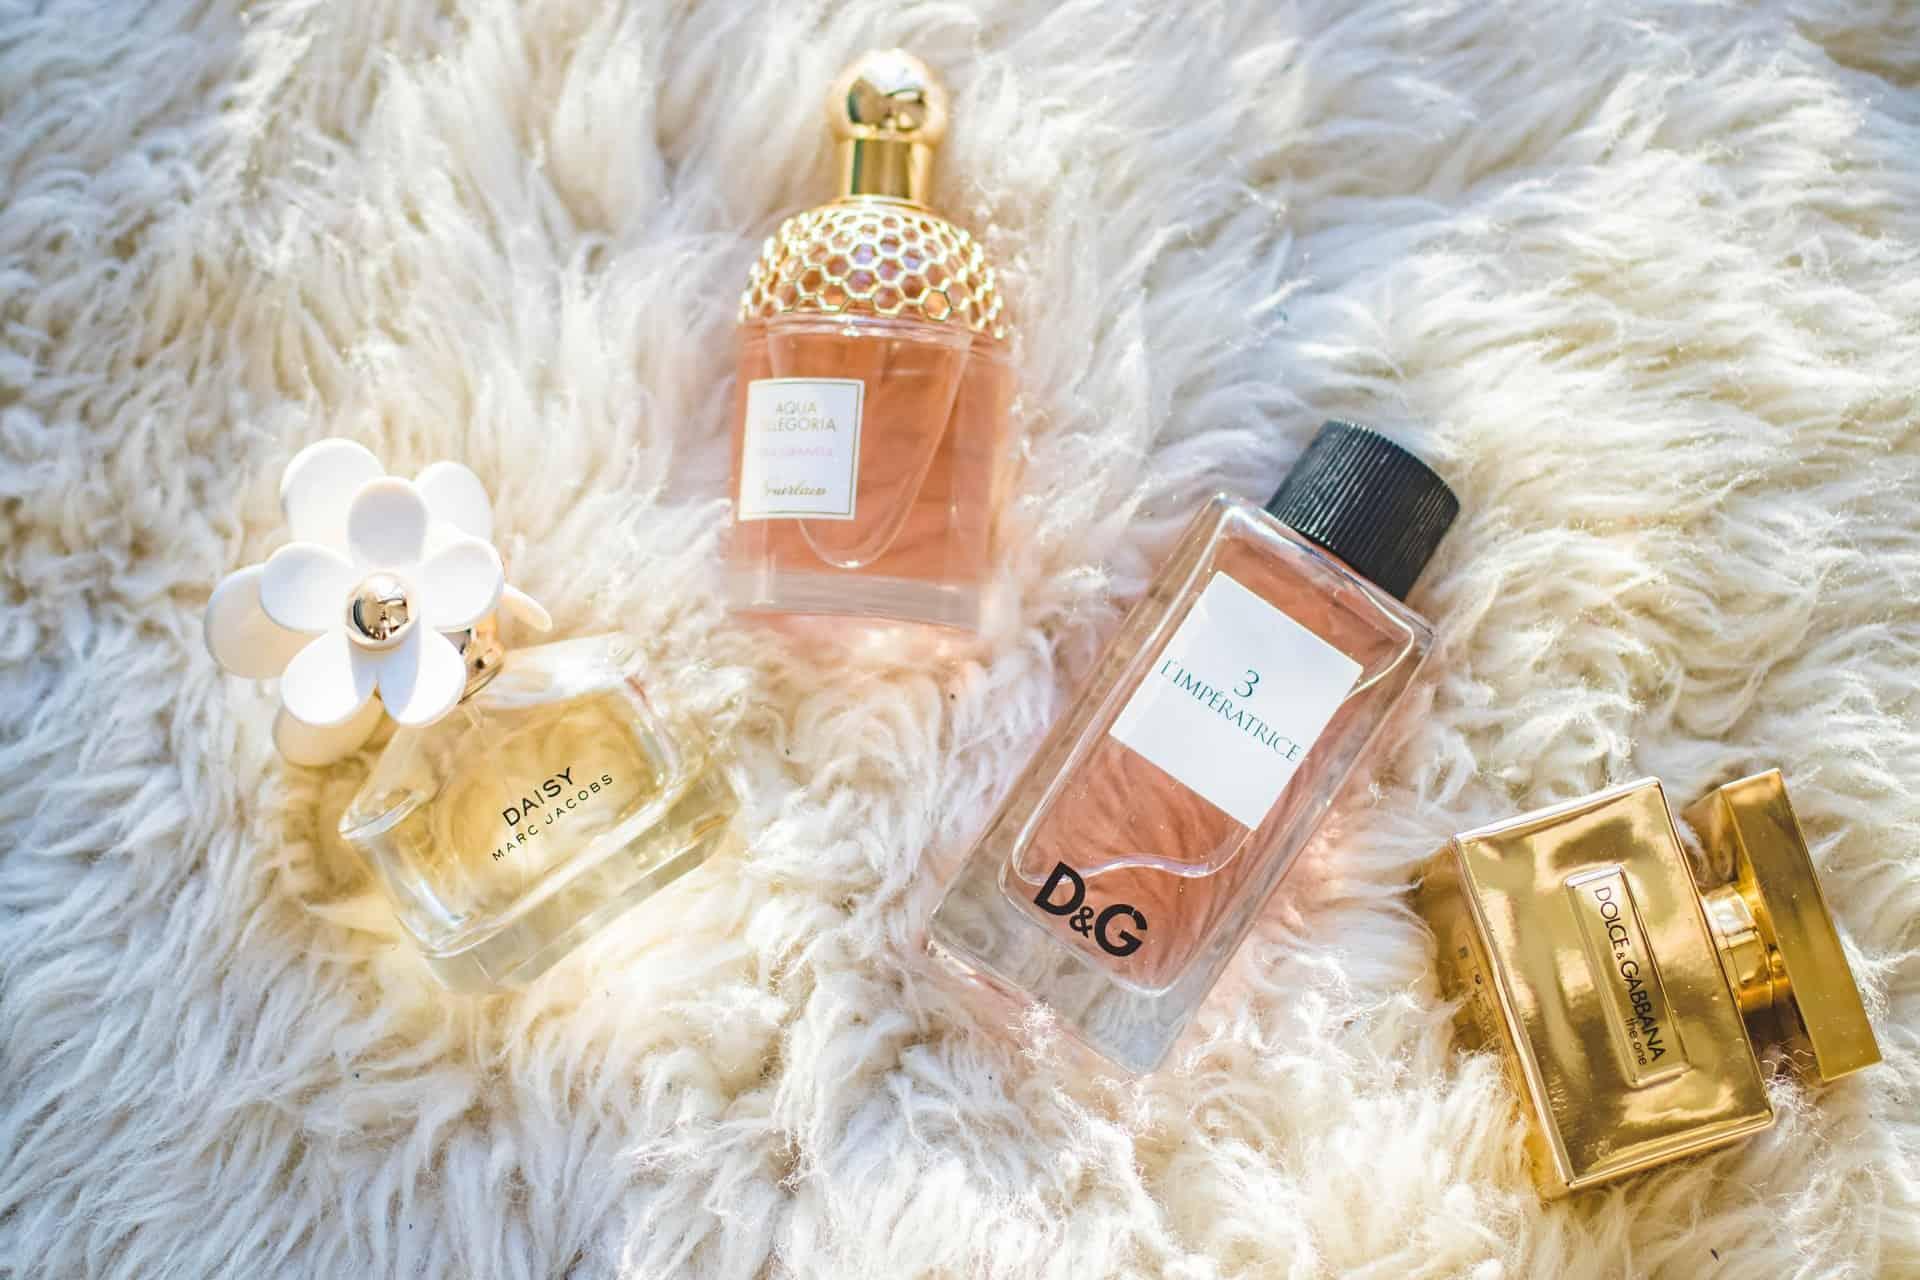 acaf7e3af842 Perfume feminino: Qual o melhor para você em 2019? | REVIEWBOX